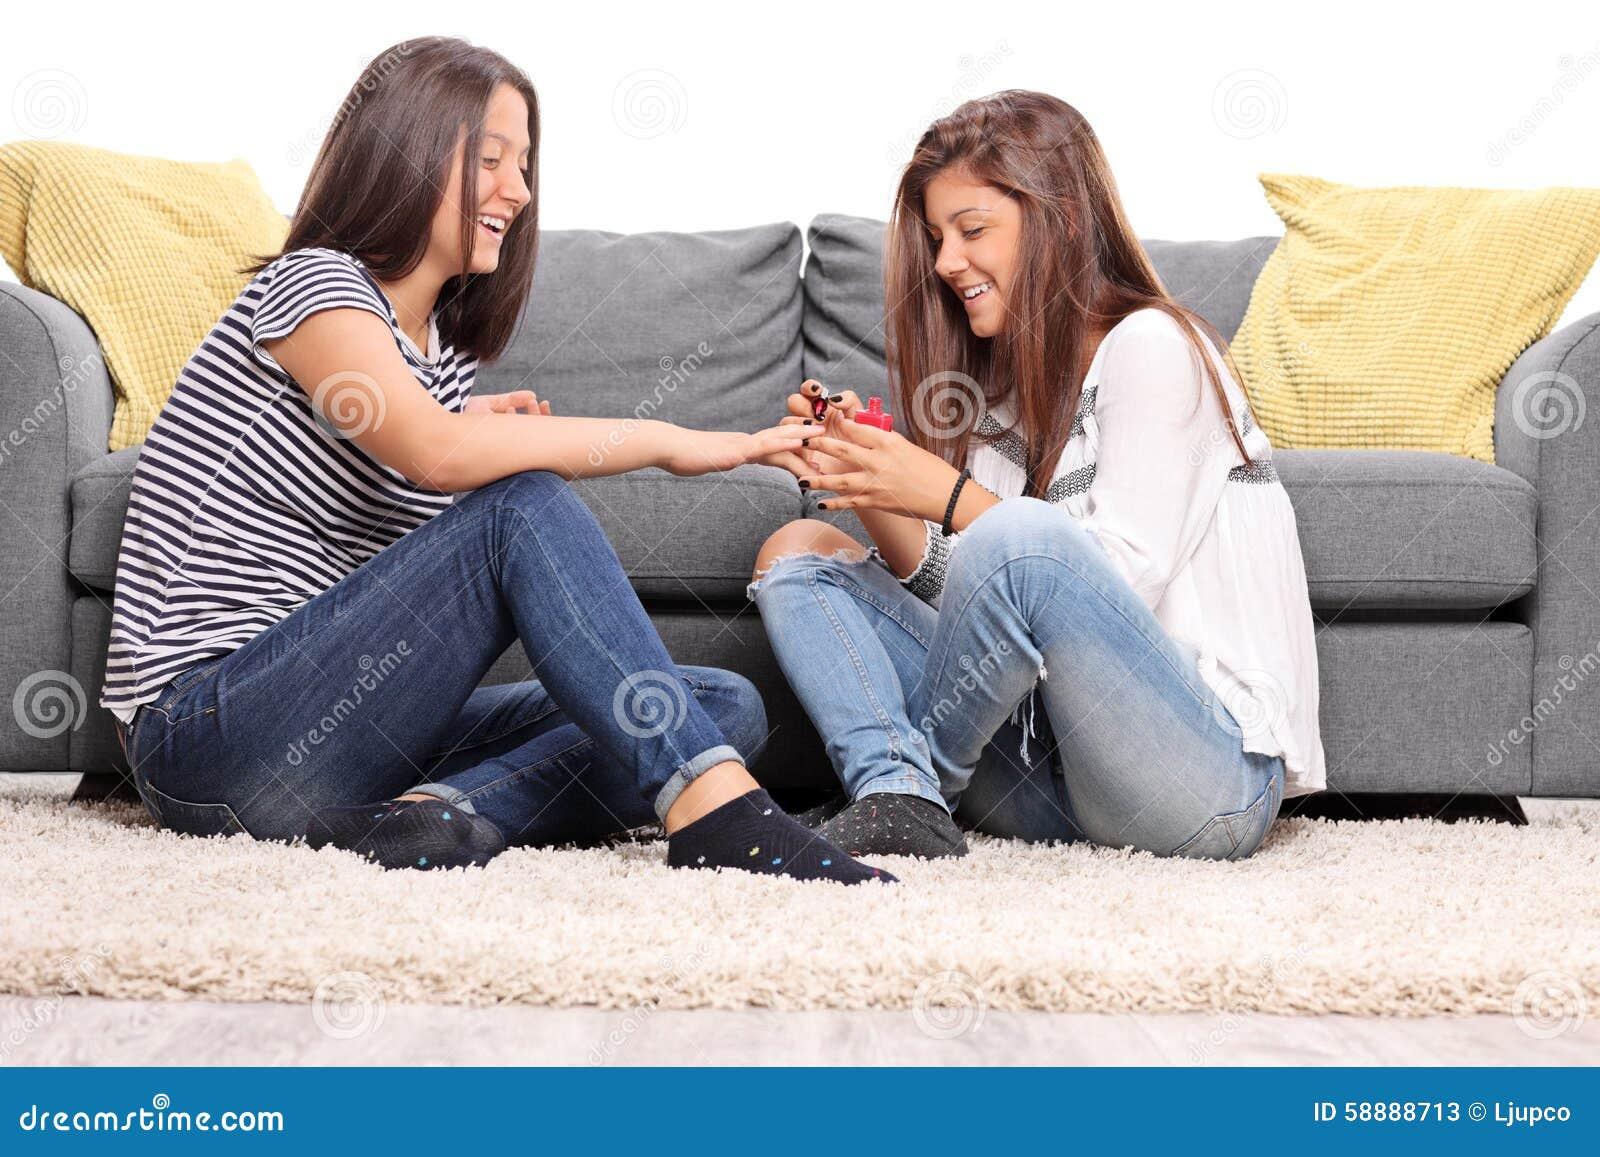 Fußboden Polieren ~ Zwei mädchen die ihre nägel sitzen und polieren stockbild bild